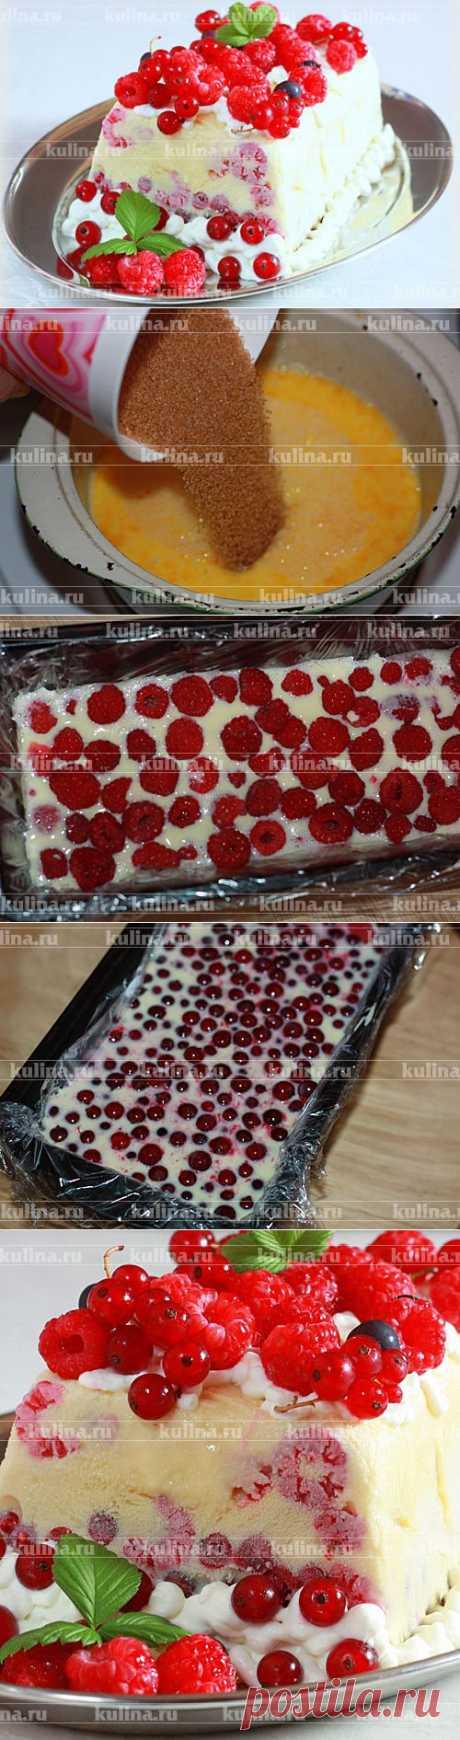 Мороженое с малиной и смородиной – рецепт приготовления с фото от Kulina.Ru